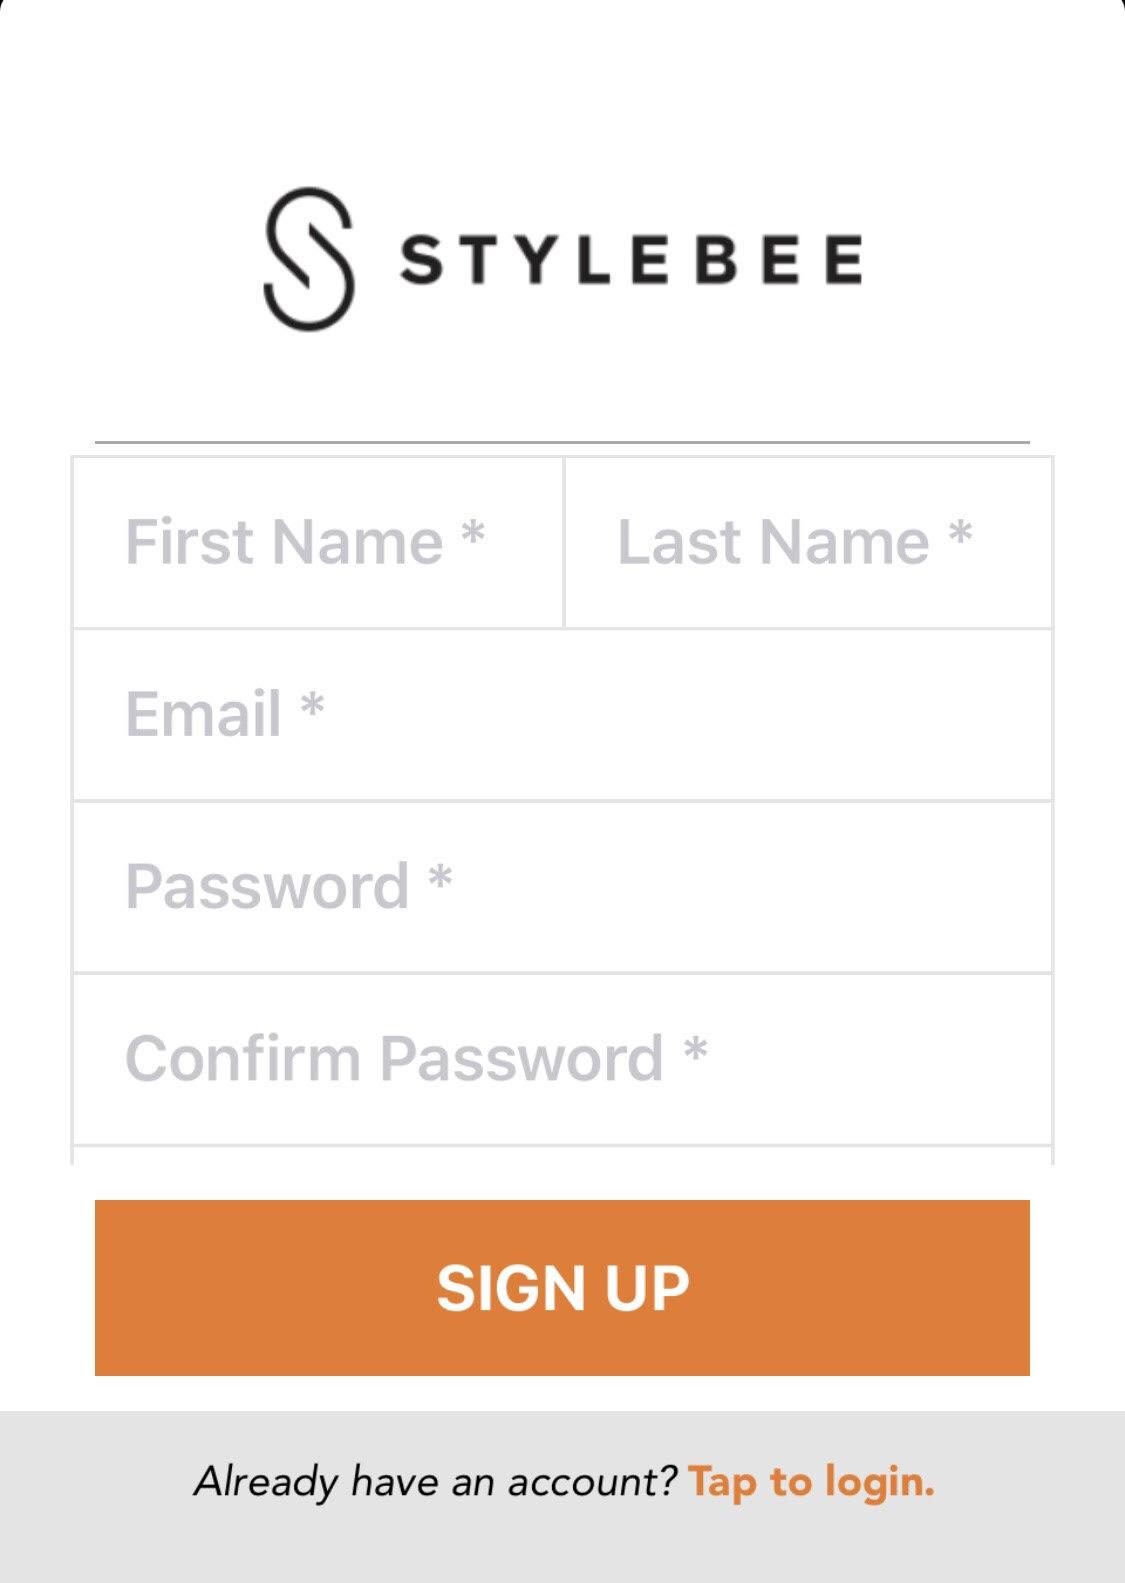 Signuppage